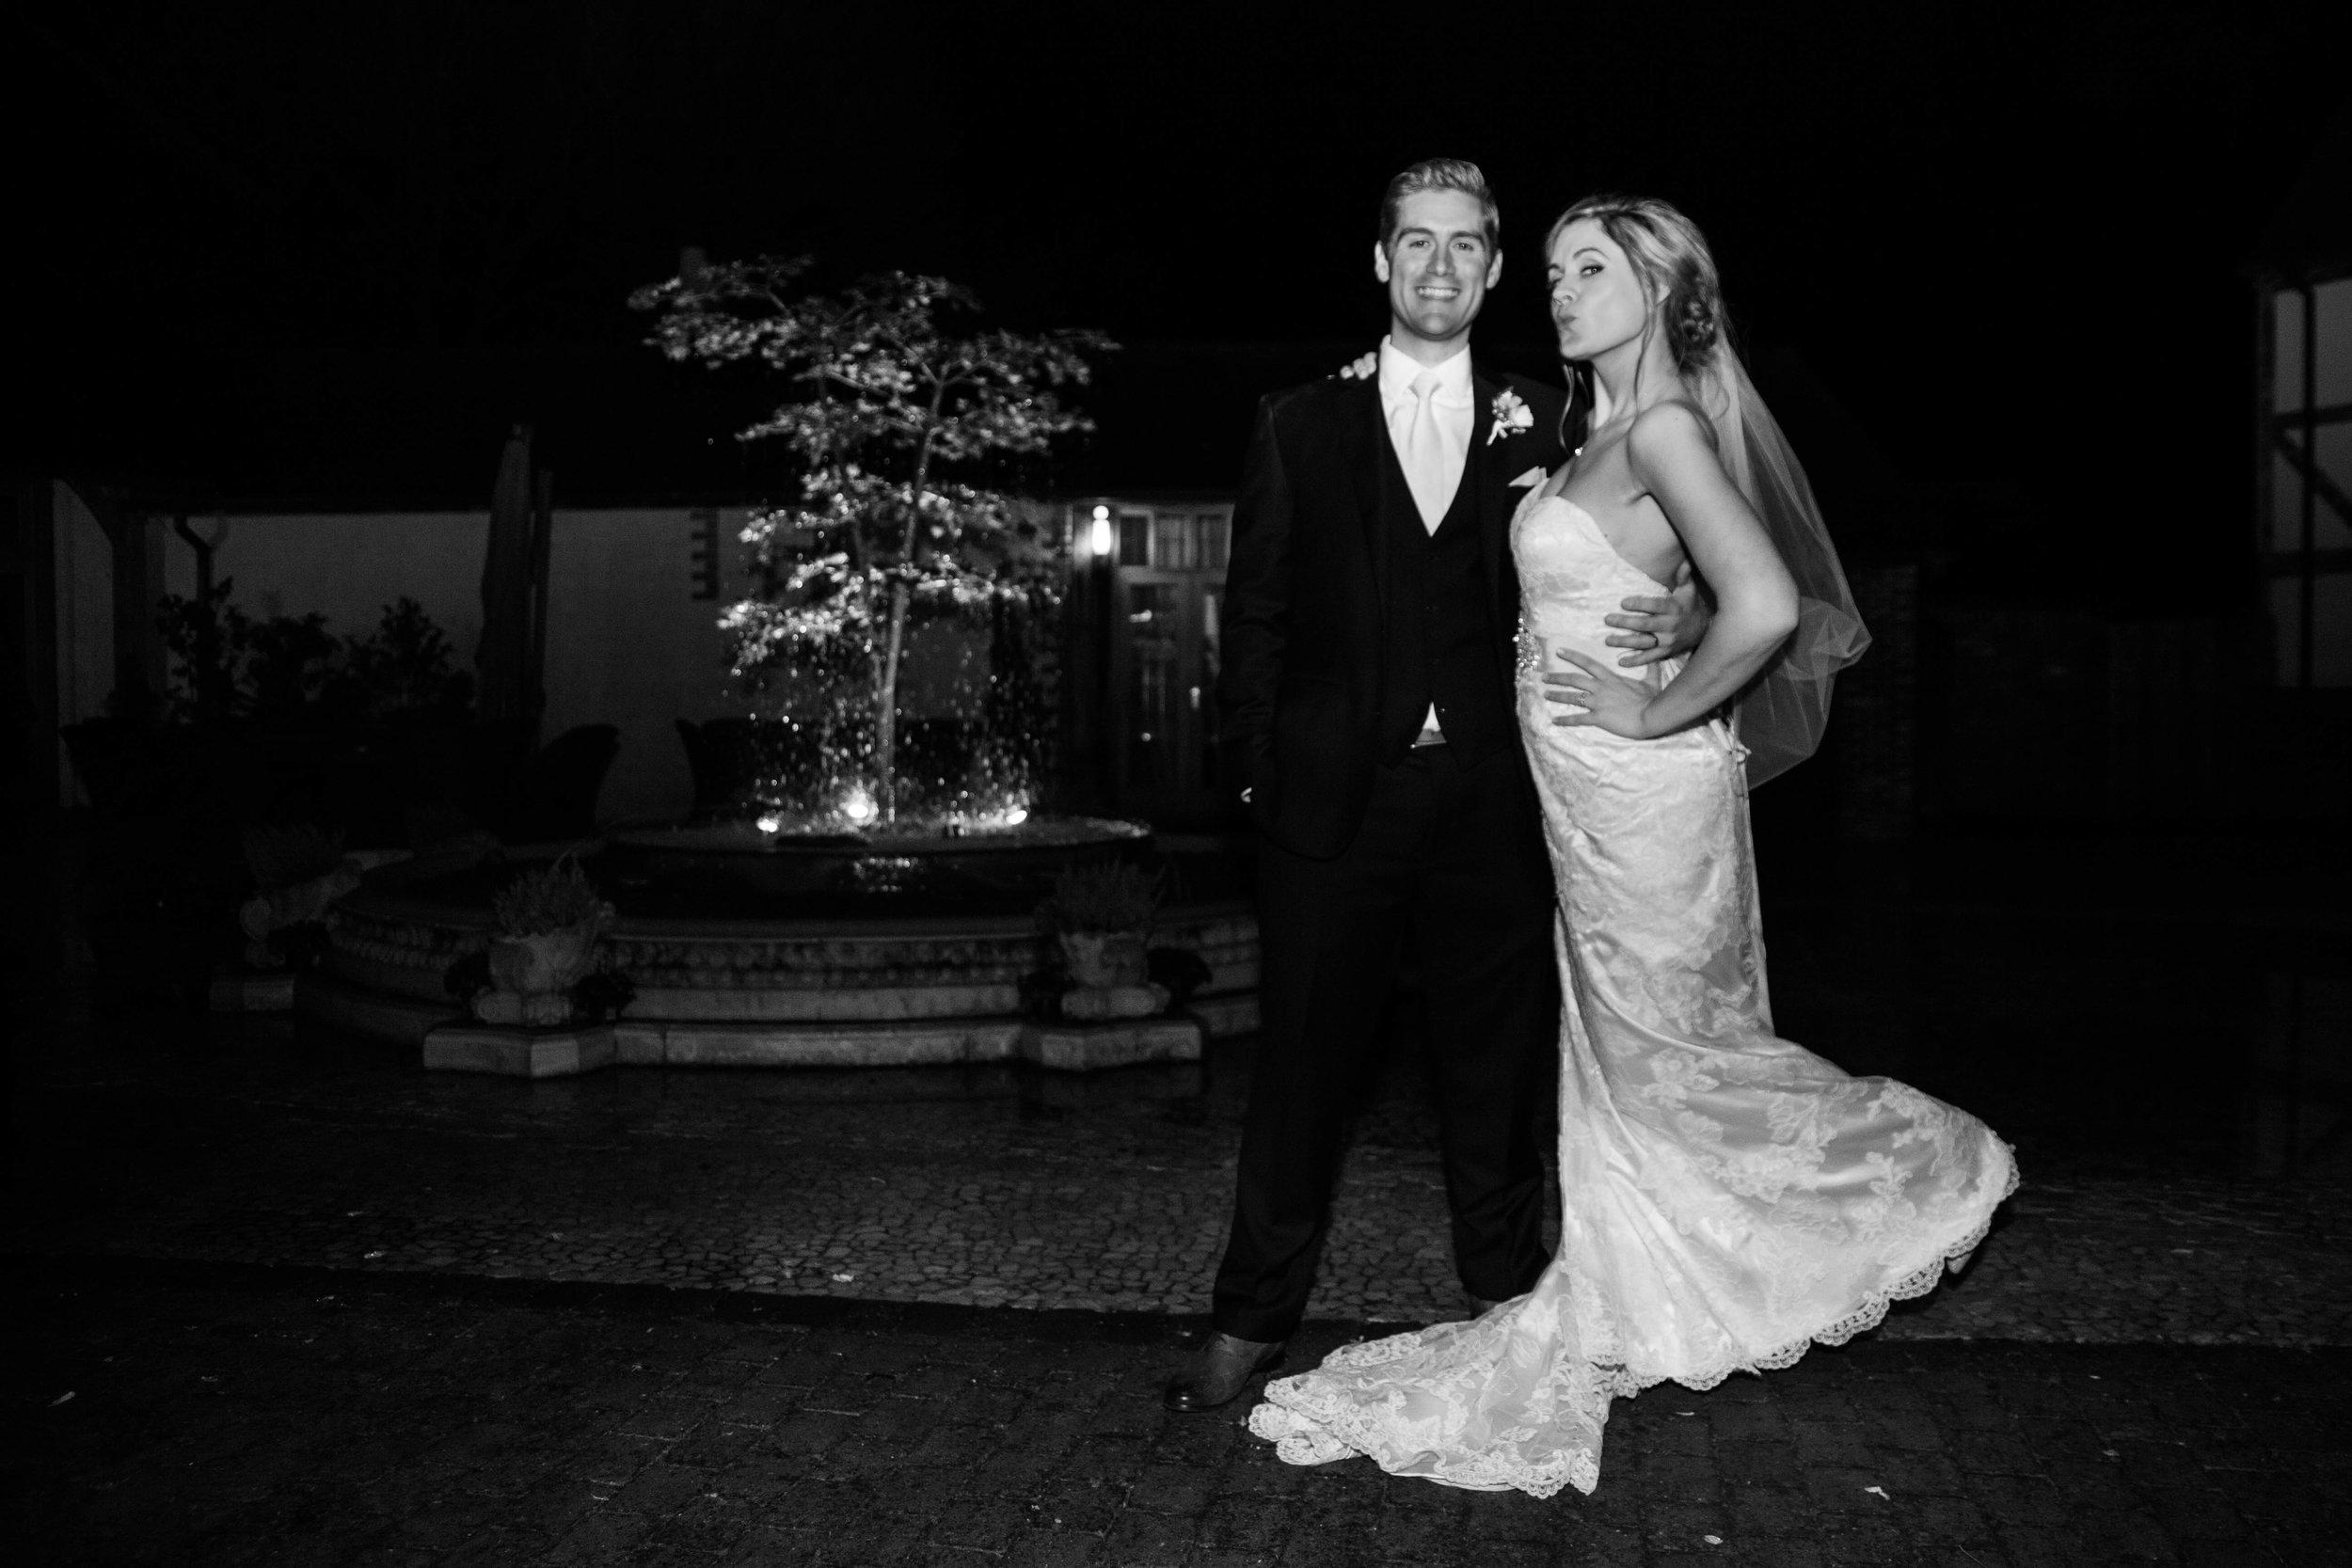 NLPhotography_EmJ&Jonny-537Black&White.jpg